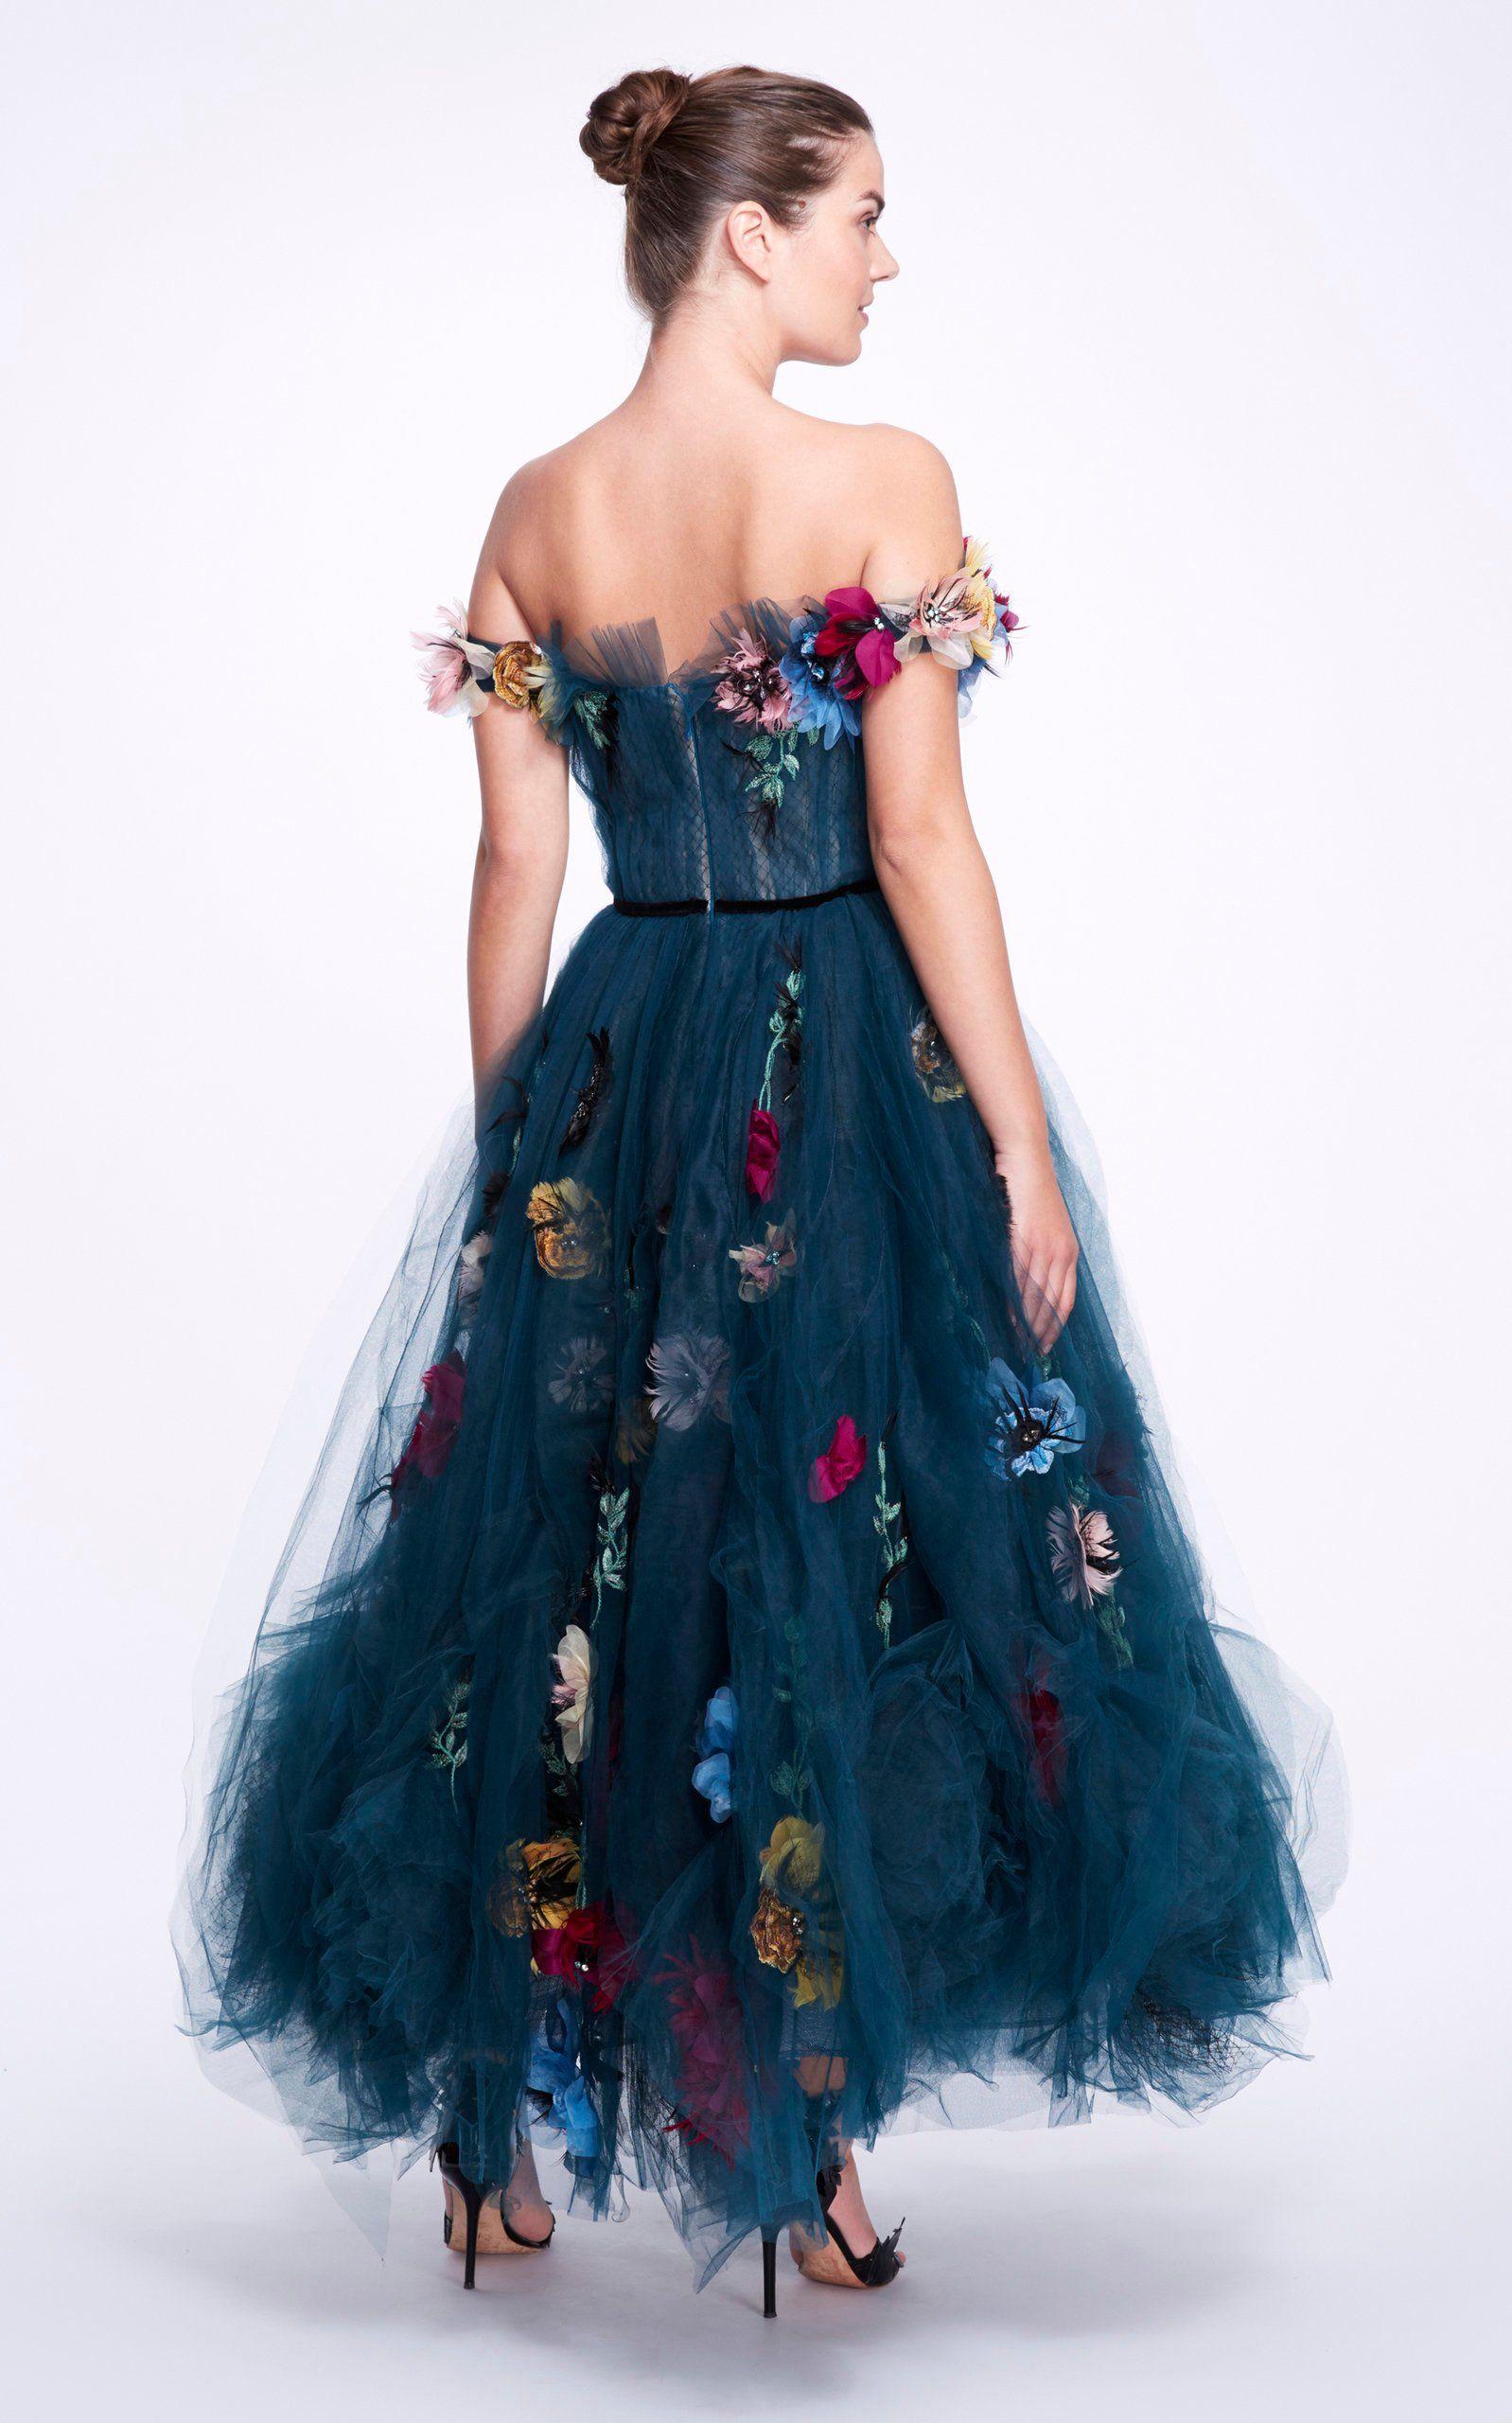 Vestido de tul con bordado floral  – Moda